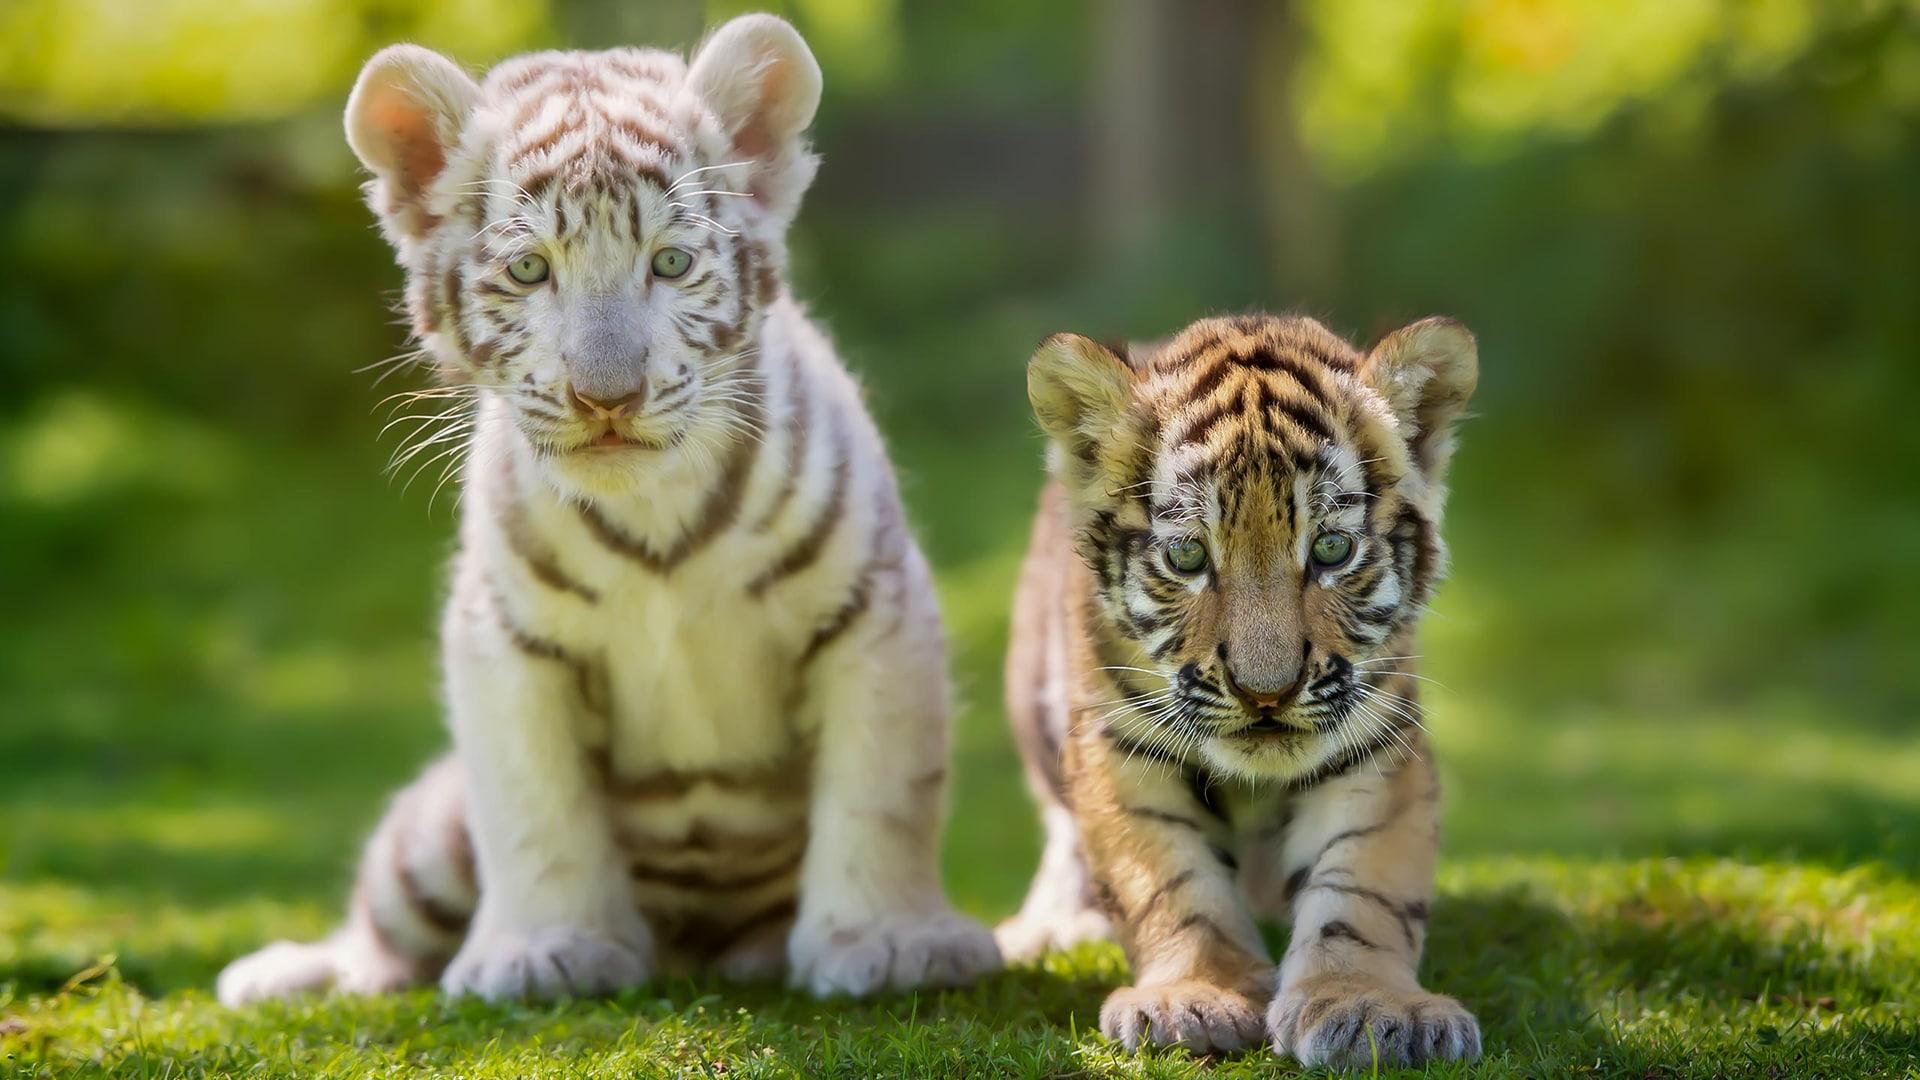 Tigre, scopriamo le differenze tra la specie del Bengala e quella siberiana